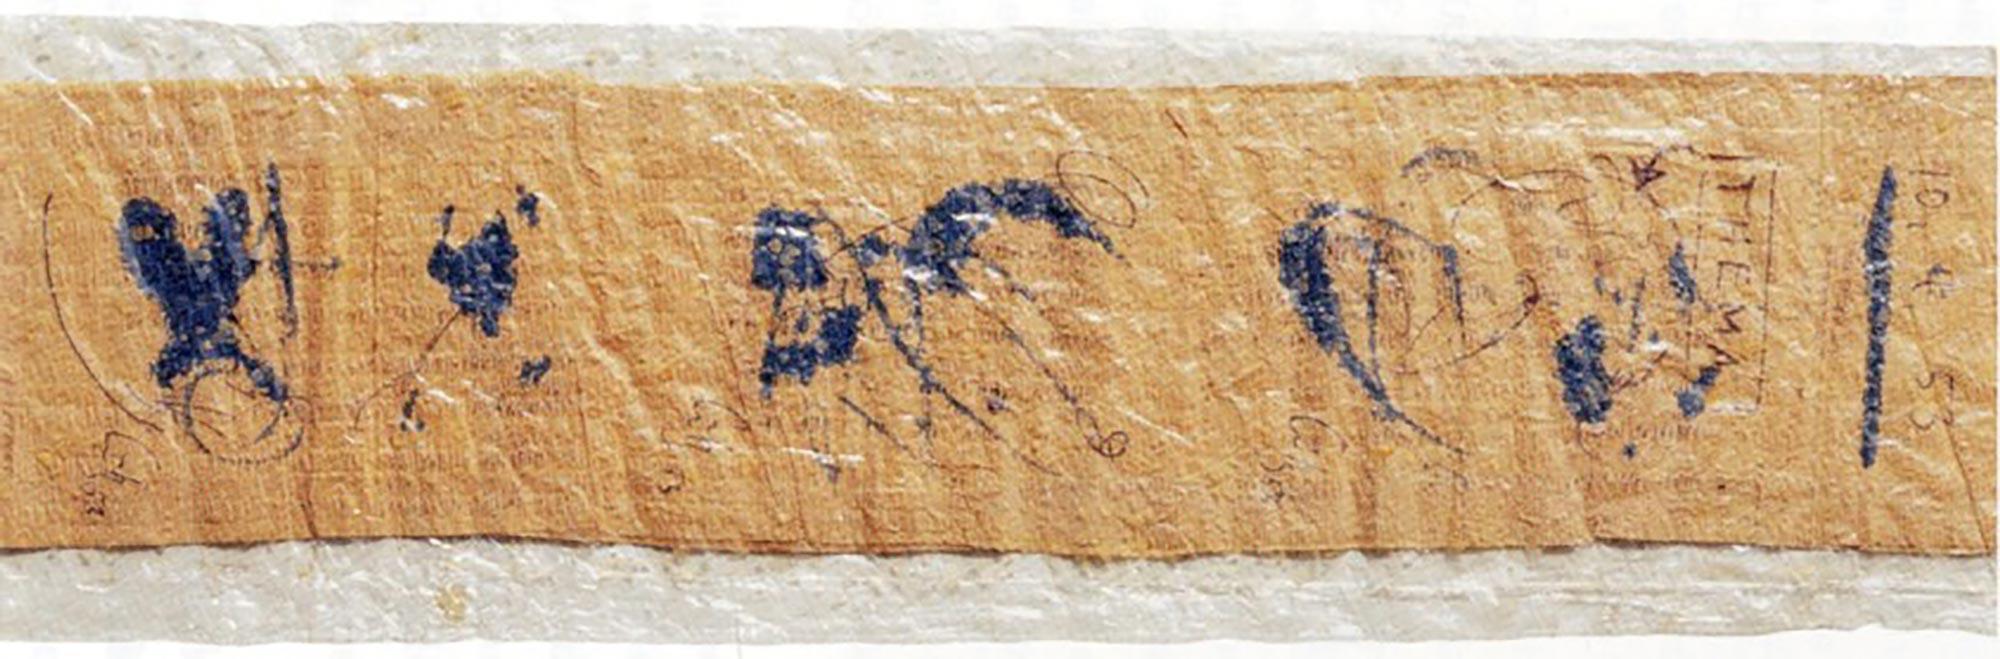 5 Karl Otto Götz, Variationen über ein Thema für Klaus Franck zum 10.4.1953, Tusche auf Toilettenpapier, 230 × 11 cm, Nachlass Klaus Franck